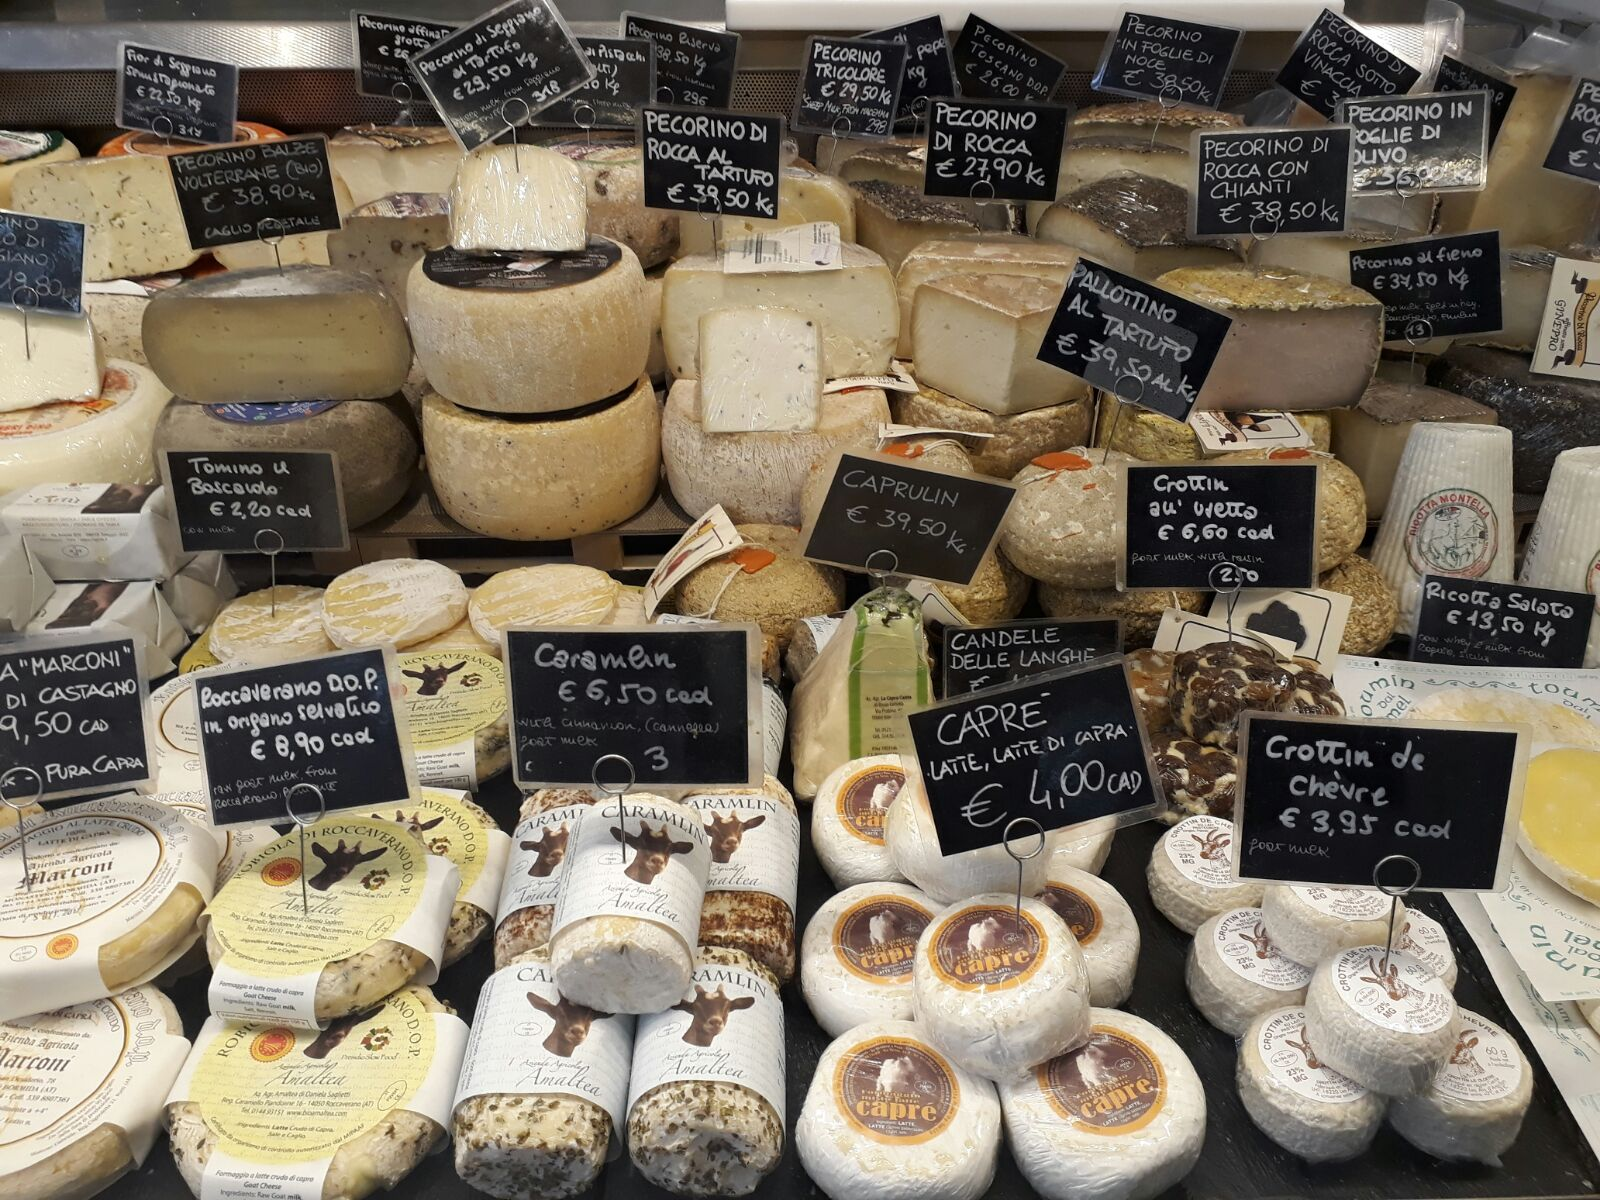 אינסוף מבחר: שוק האוכל Mercato central (צילום: אילאיל קופלר) (צילום: אילאיל קופלר)